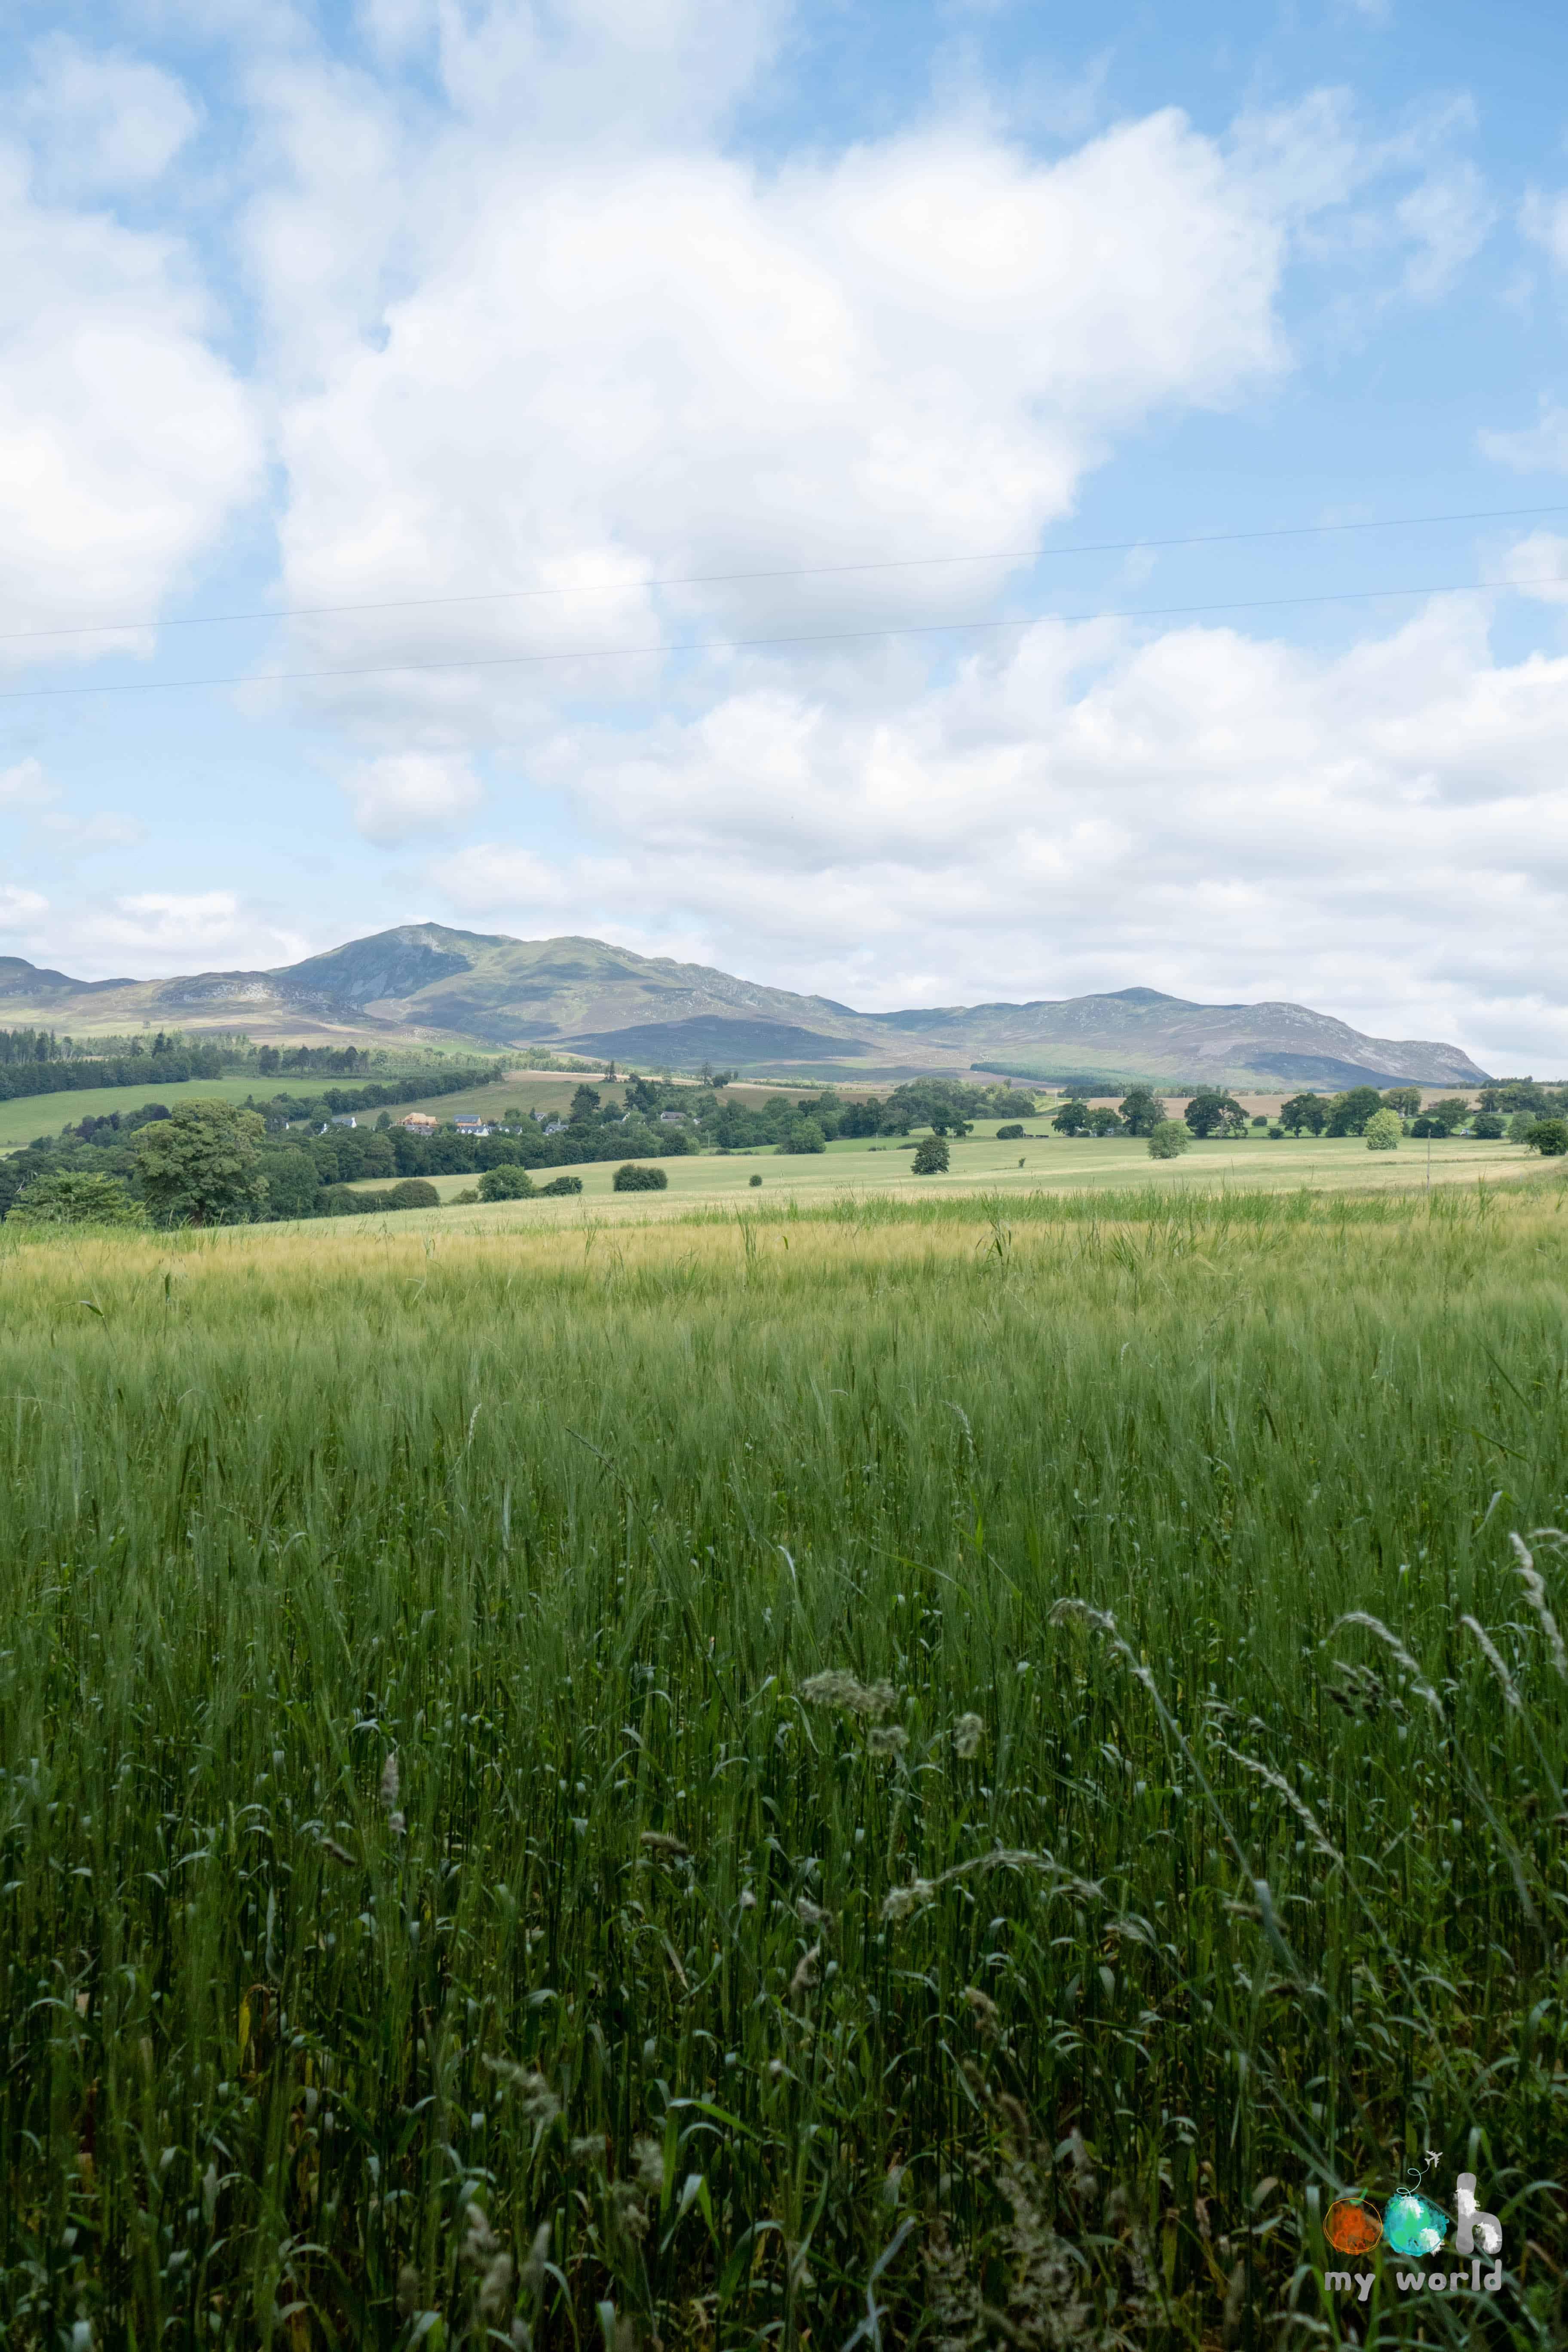 Les champs d'orges de Pitlochry